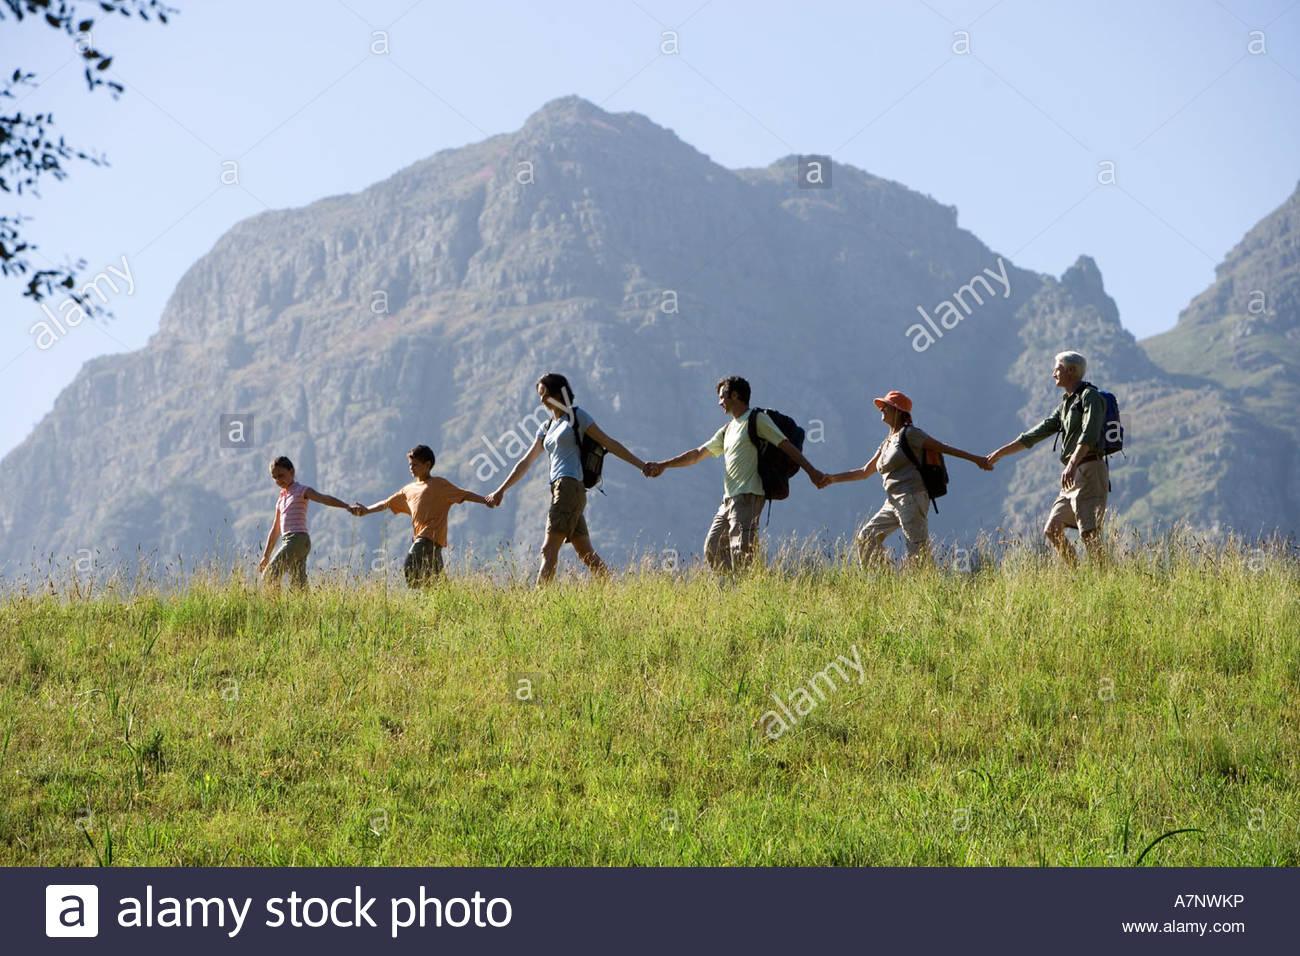 Ages Multi randonnée sur sentier de montagne randonnée en ligne tous les tenant la main Vue de côté Photo Stock